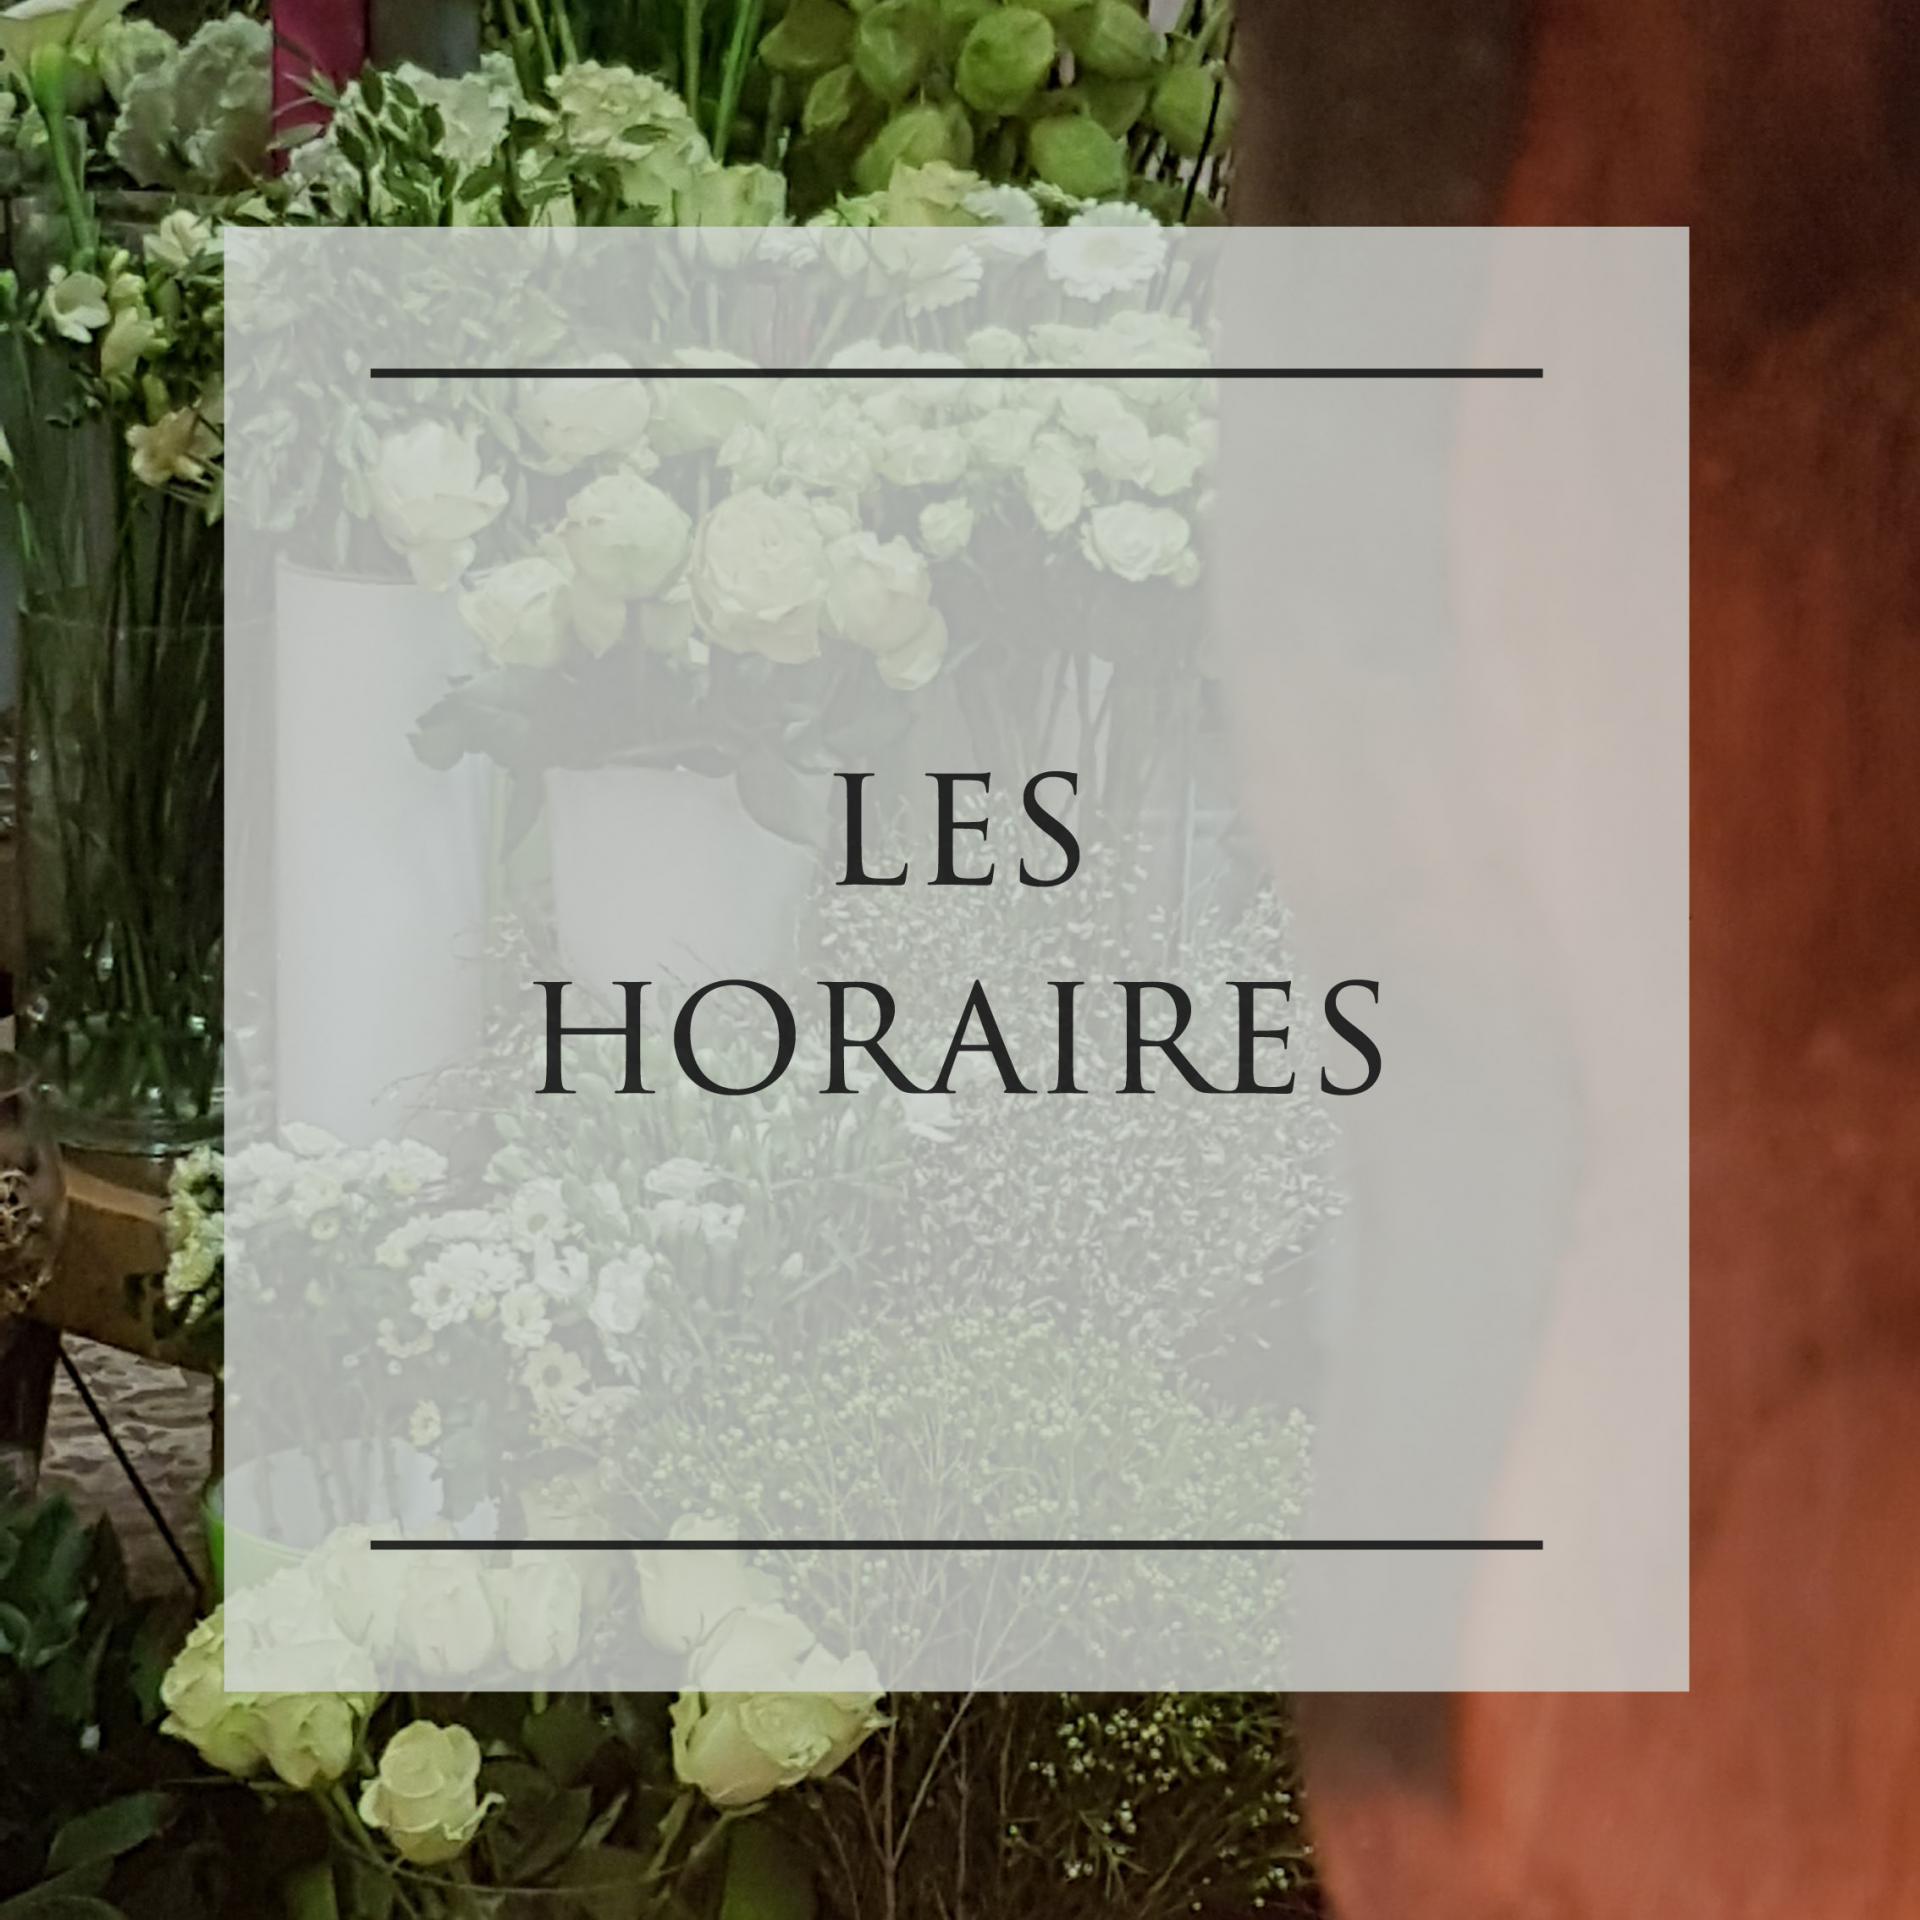 Horaires fleuriste Hé fleur et moi Valenciennes ouvert du Lundi au dimanche